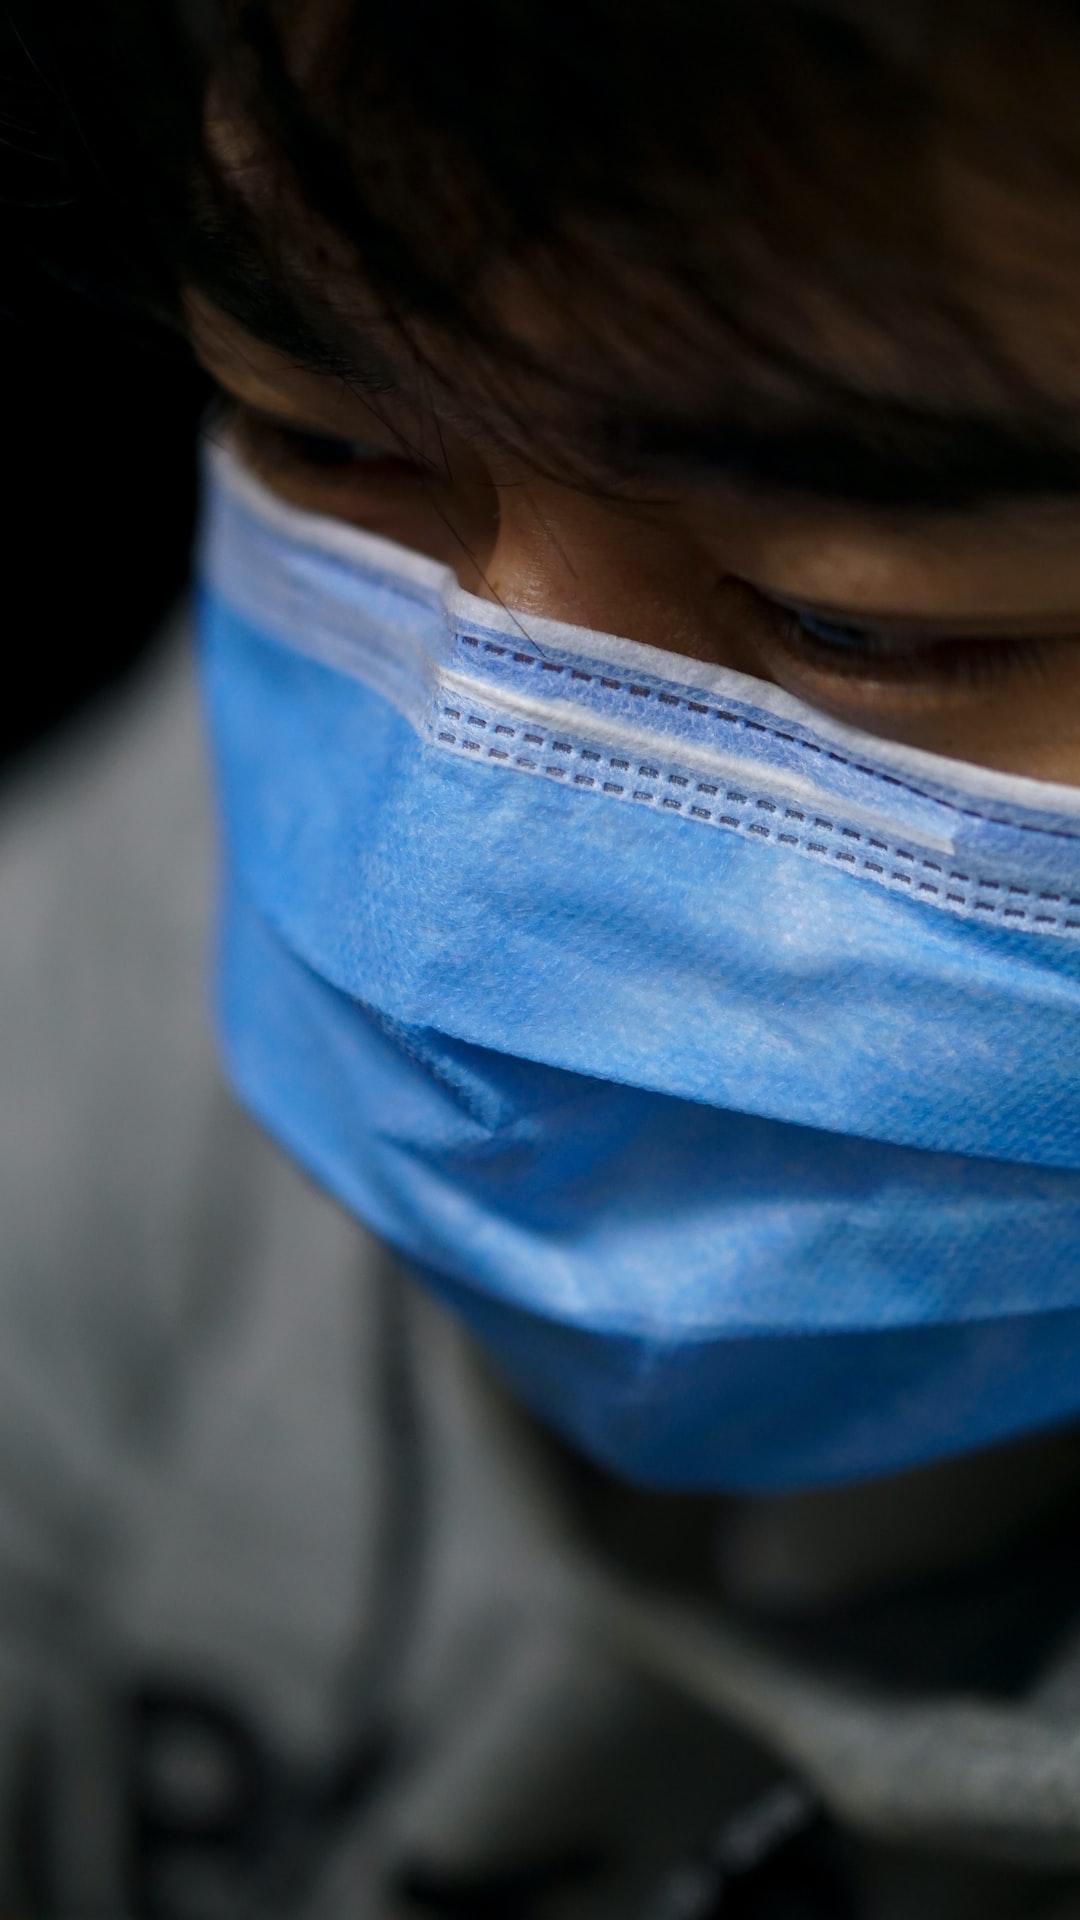 coronavirus-19 in Chongqing